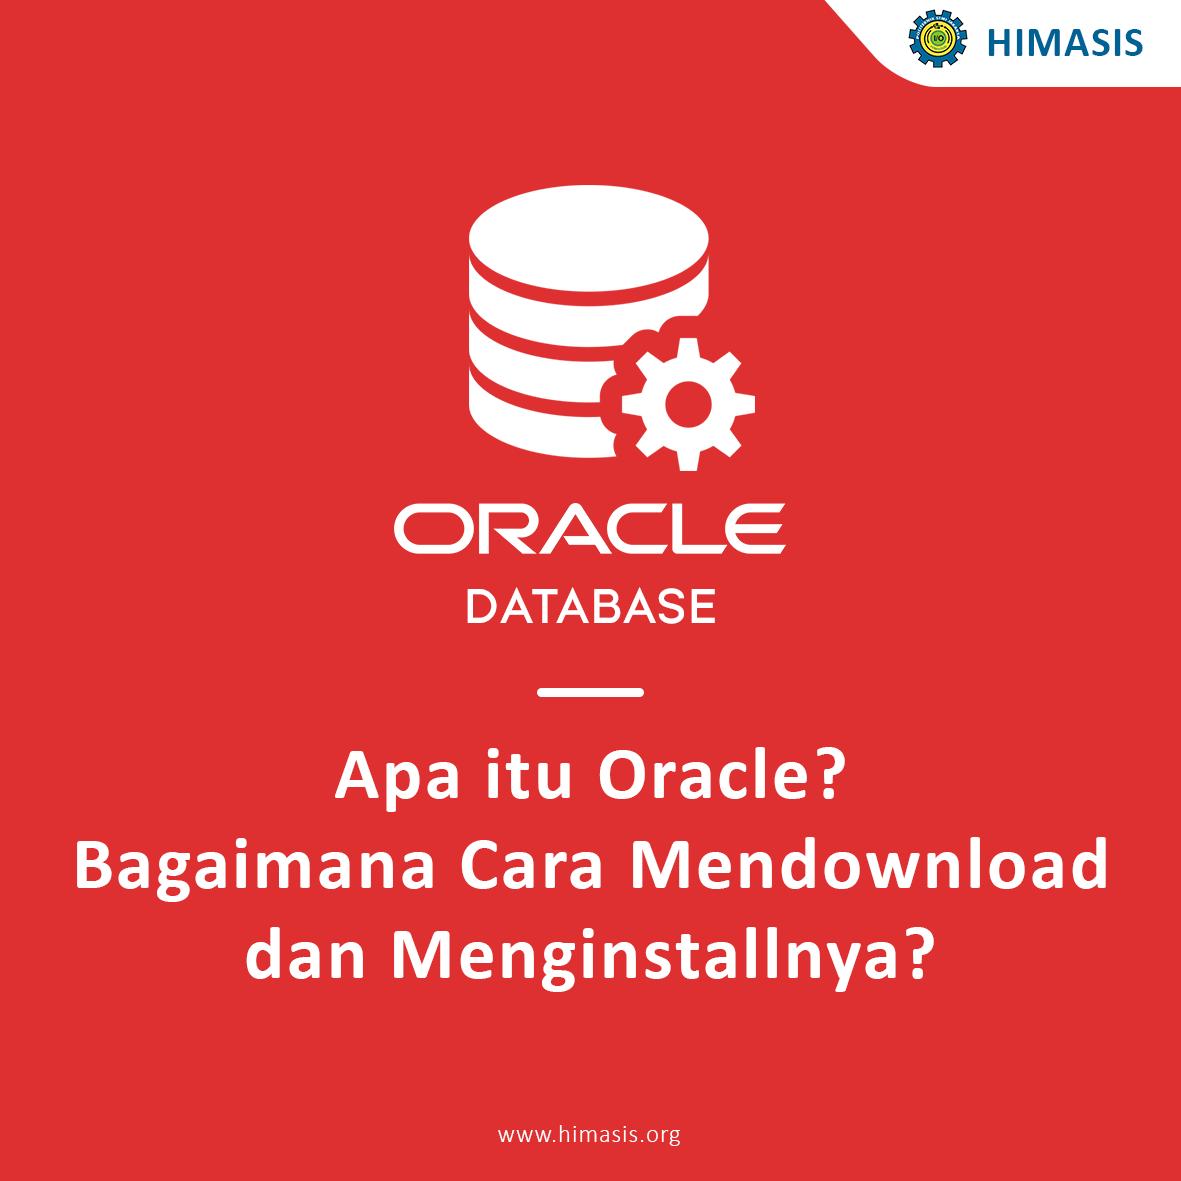 Apa itu Oracle? Bagaimana cara mendownload dan menginstallnya?